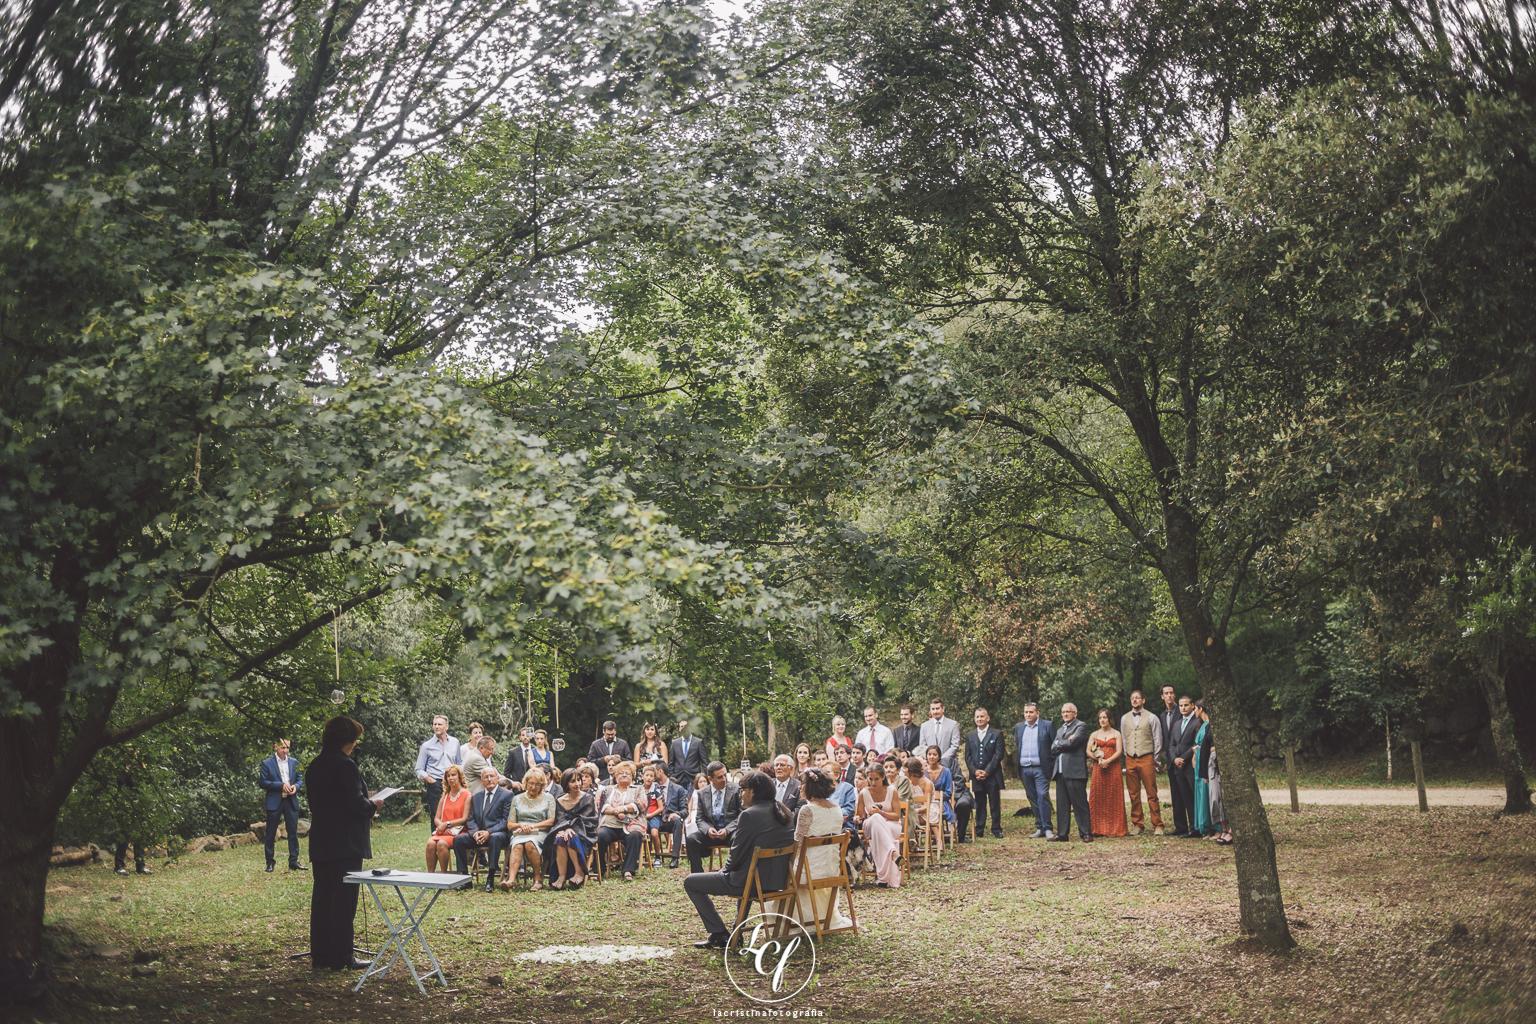 fotógrafo de boda :: bodas vintage :: bodas en el campo :: boda en una masia :: country wedding :: boda en el bosque :: country wedding :: mas can batlle :: boda en santa pau :: fotógrafo de bodas barcelona :: fotógrafo de bodas girona